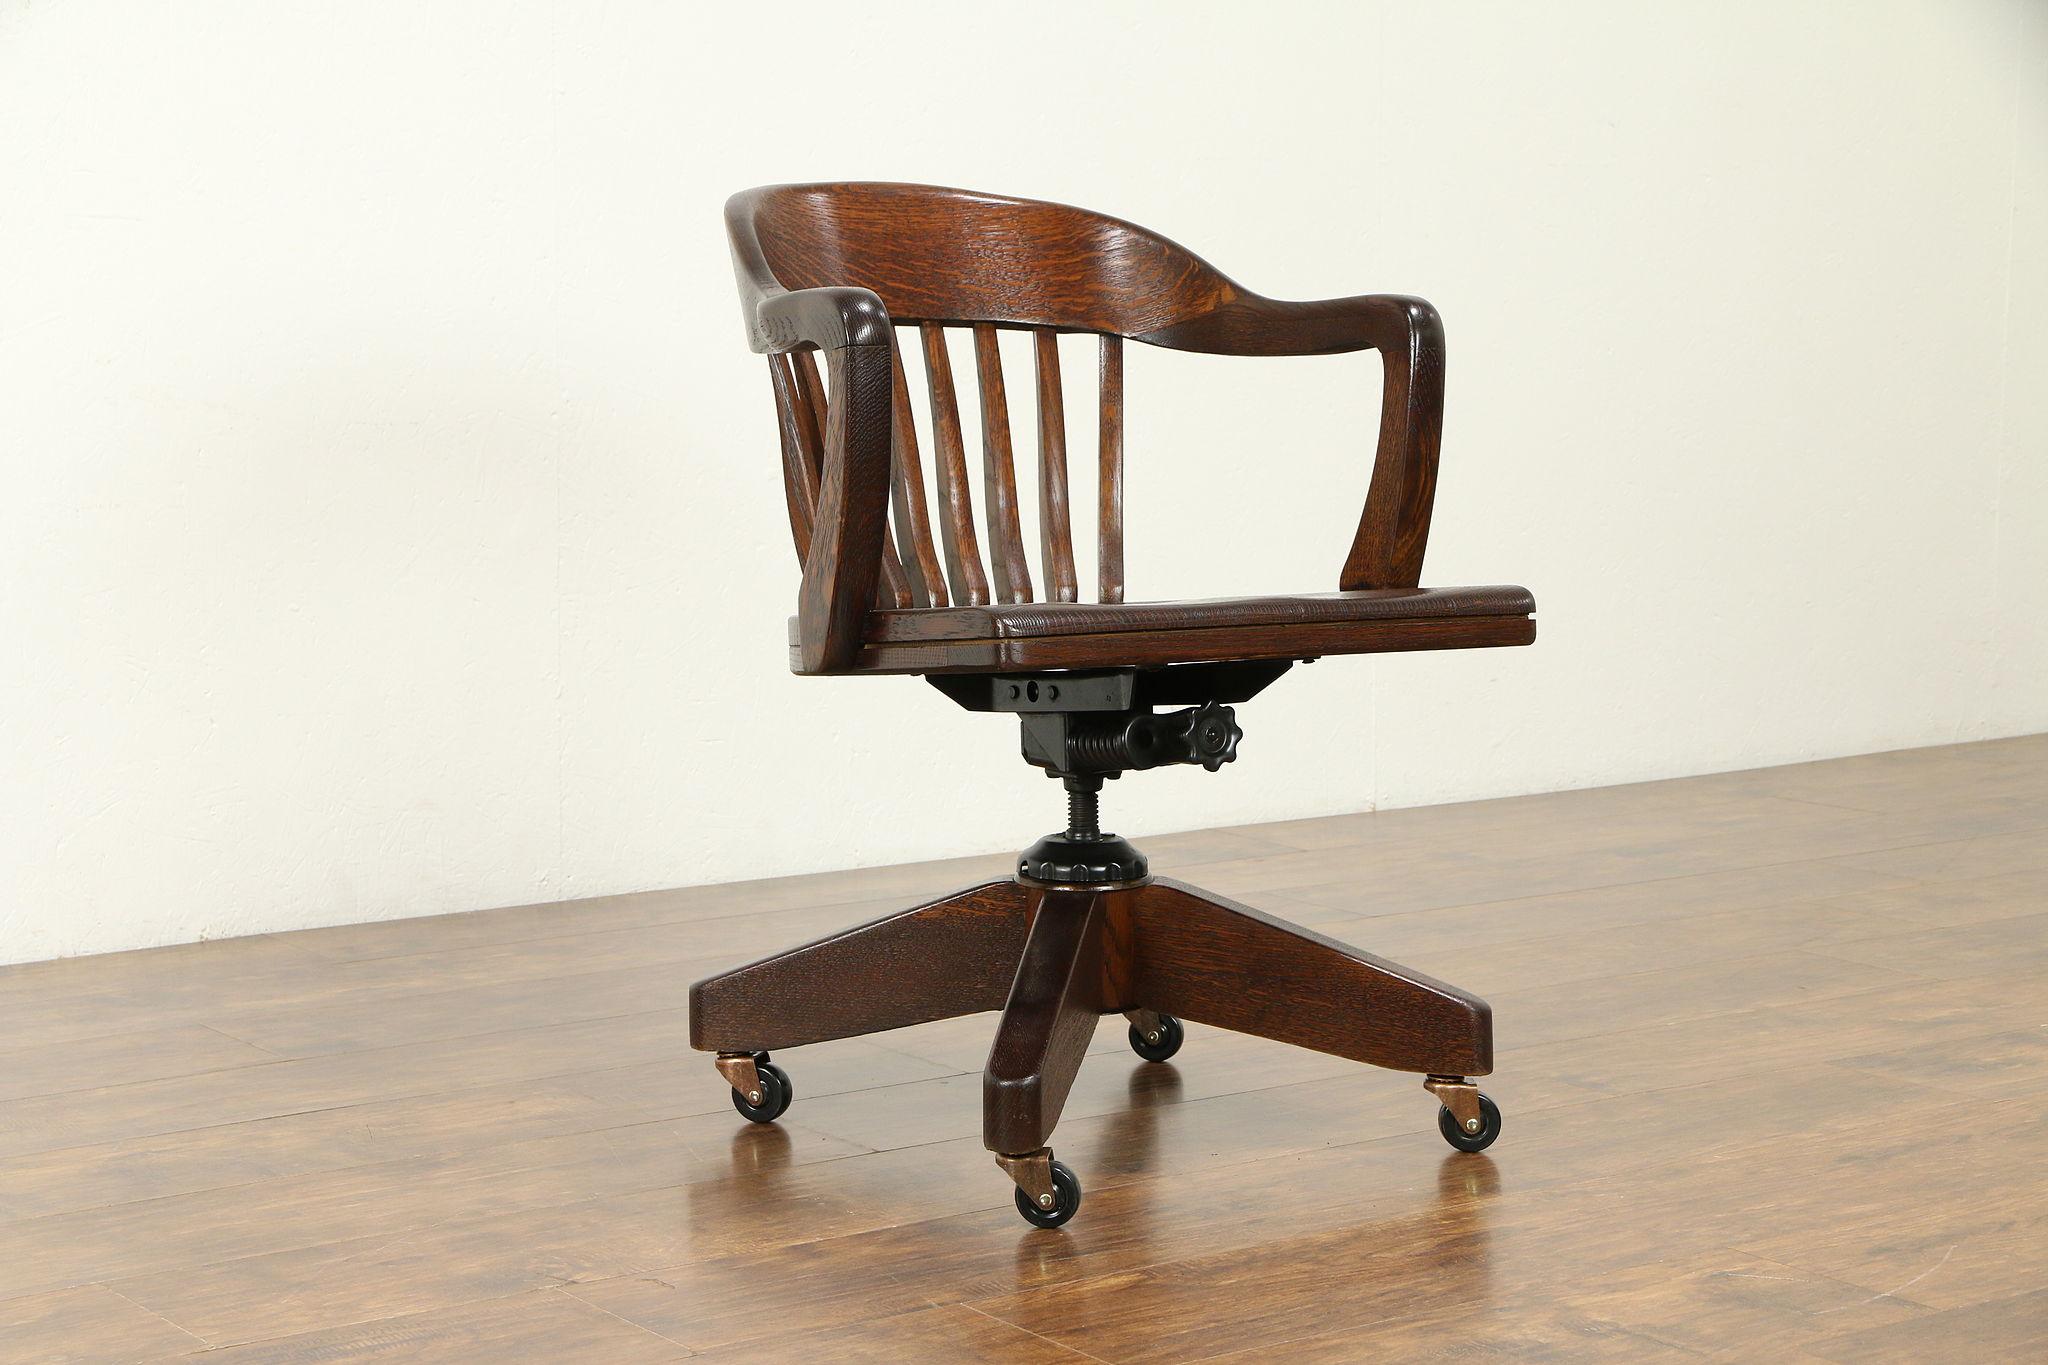 Fantastic Oak Quarter Sawn 1930 Vintage Swivel Adjustable Desk Chair 31383 Spiritservingveterans Wood Chair Design Ideas Spiritservingveteransorg